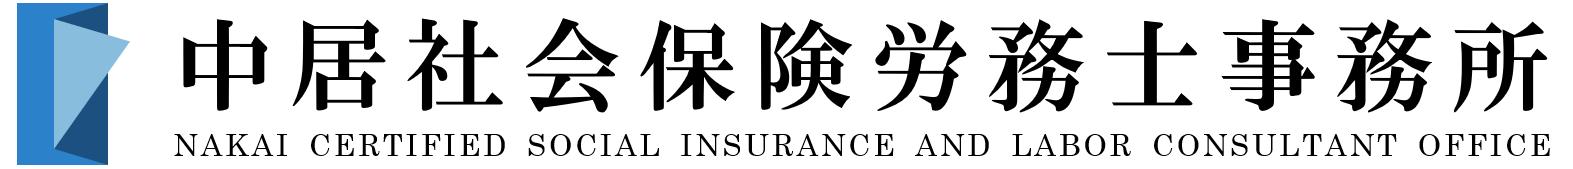 札幌市の社労士事務所 | 中居社会保険労務士事務所